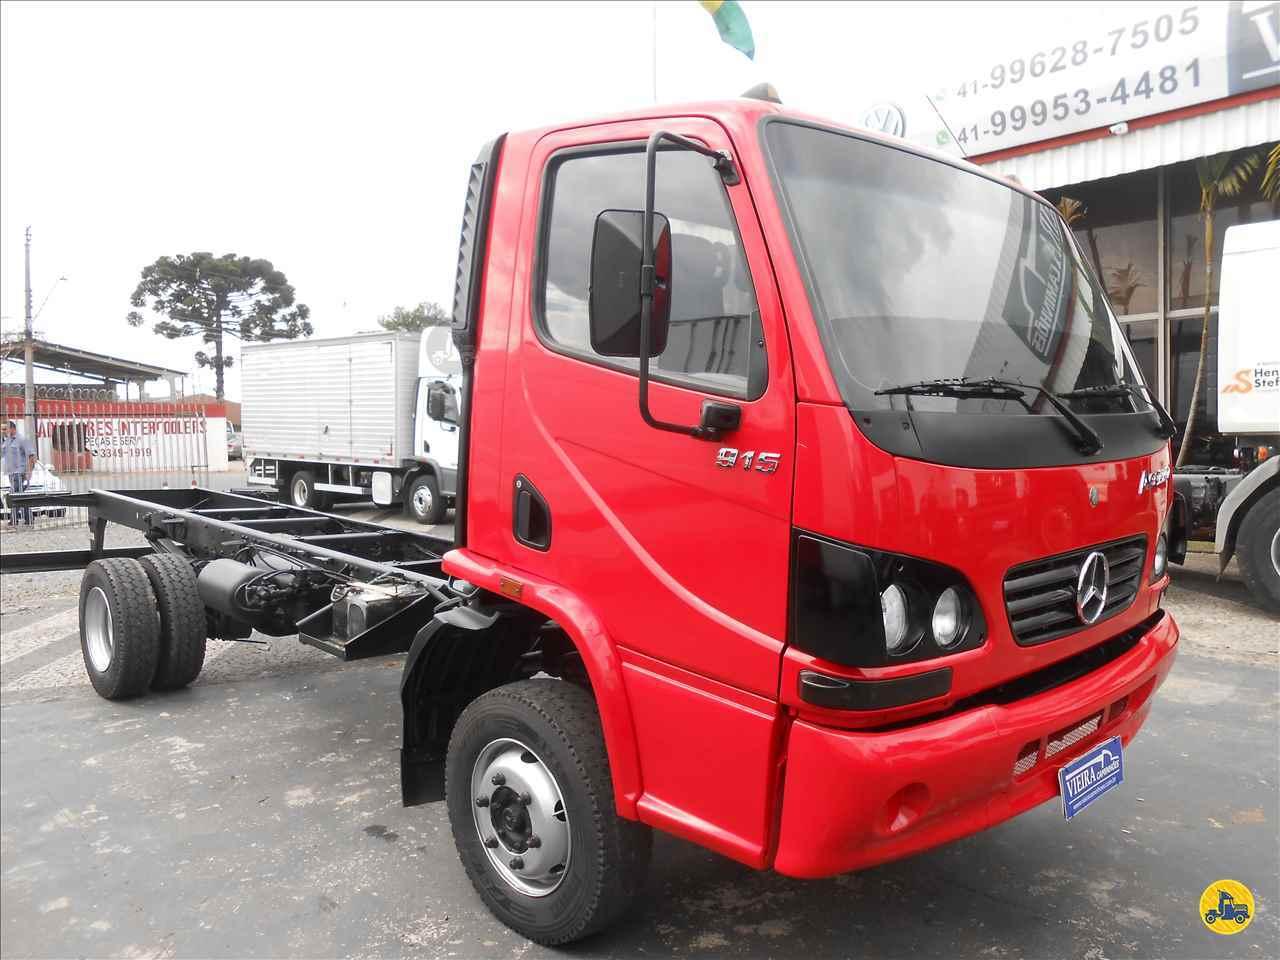 CAMINHAO MERCEDES-BENZ MB 915 Chassis 3/4 4x2 Vieira Caminhões CURITIBA PARANÁ PR